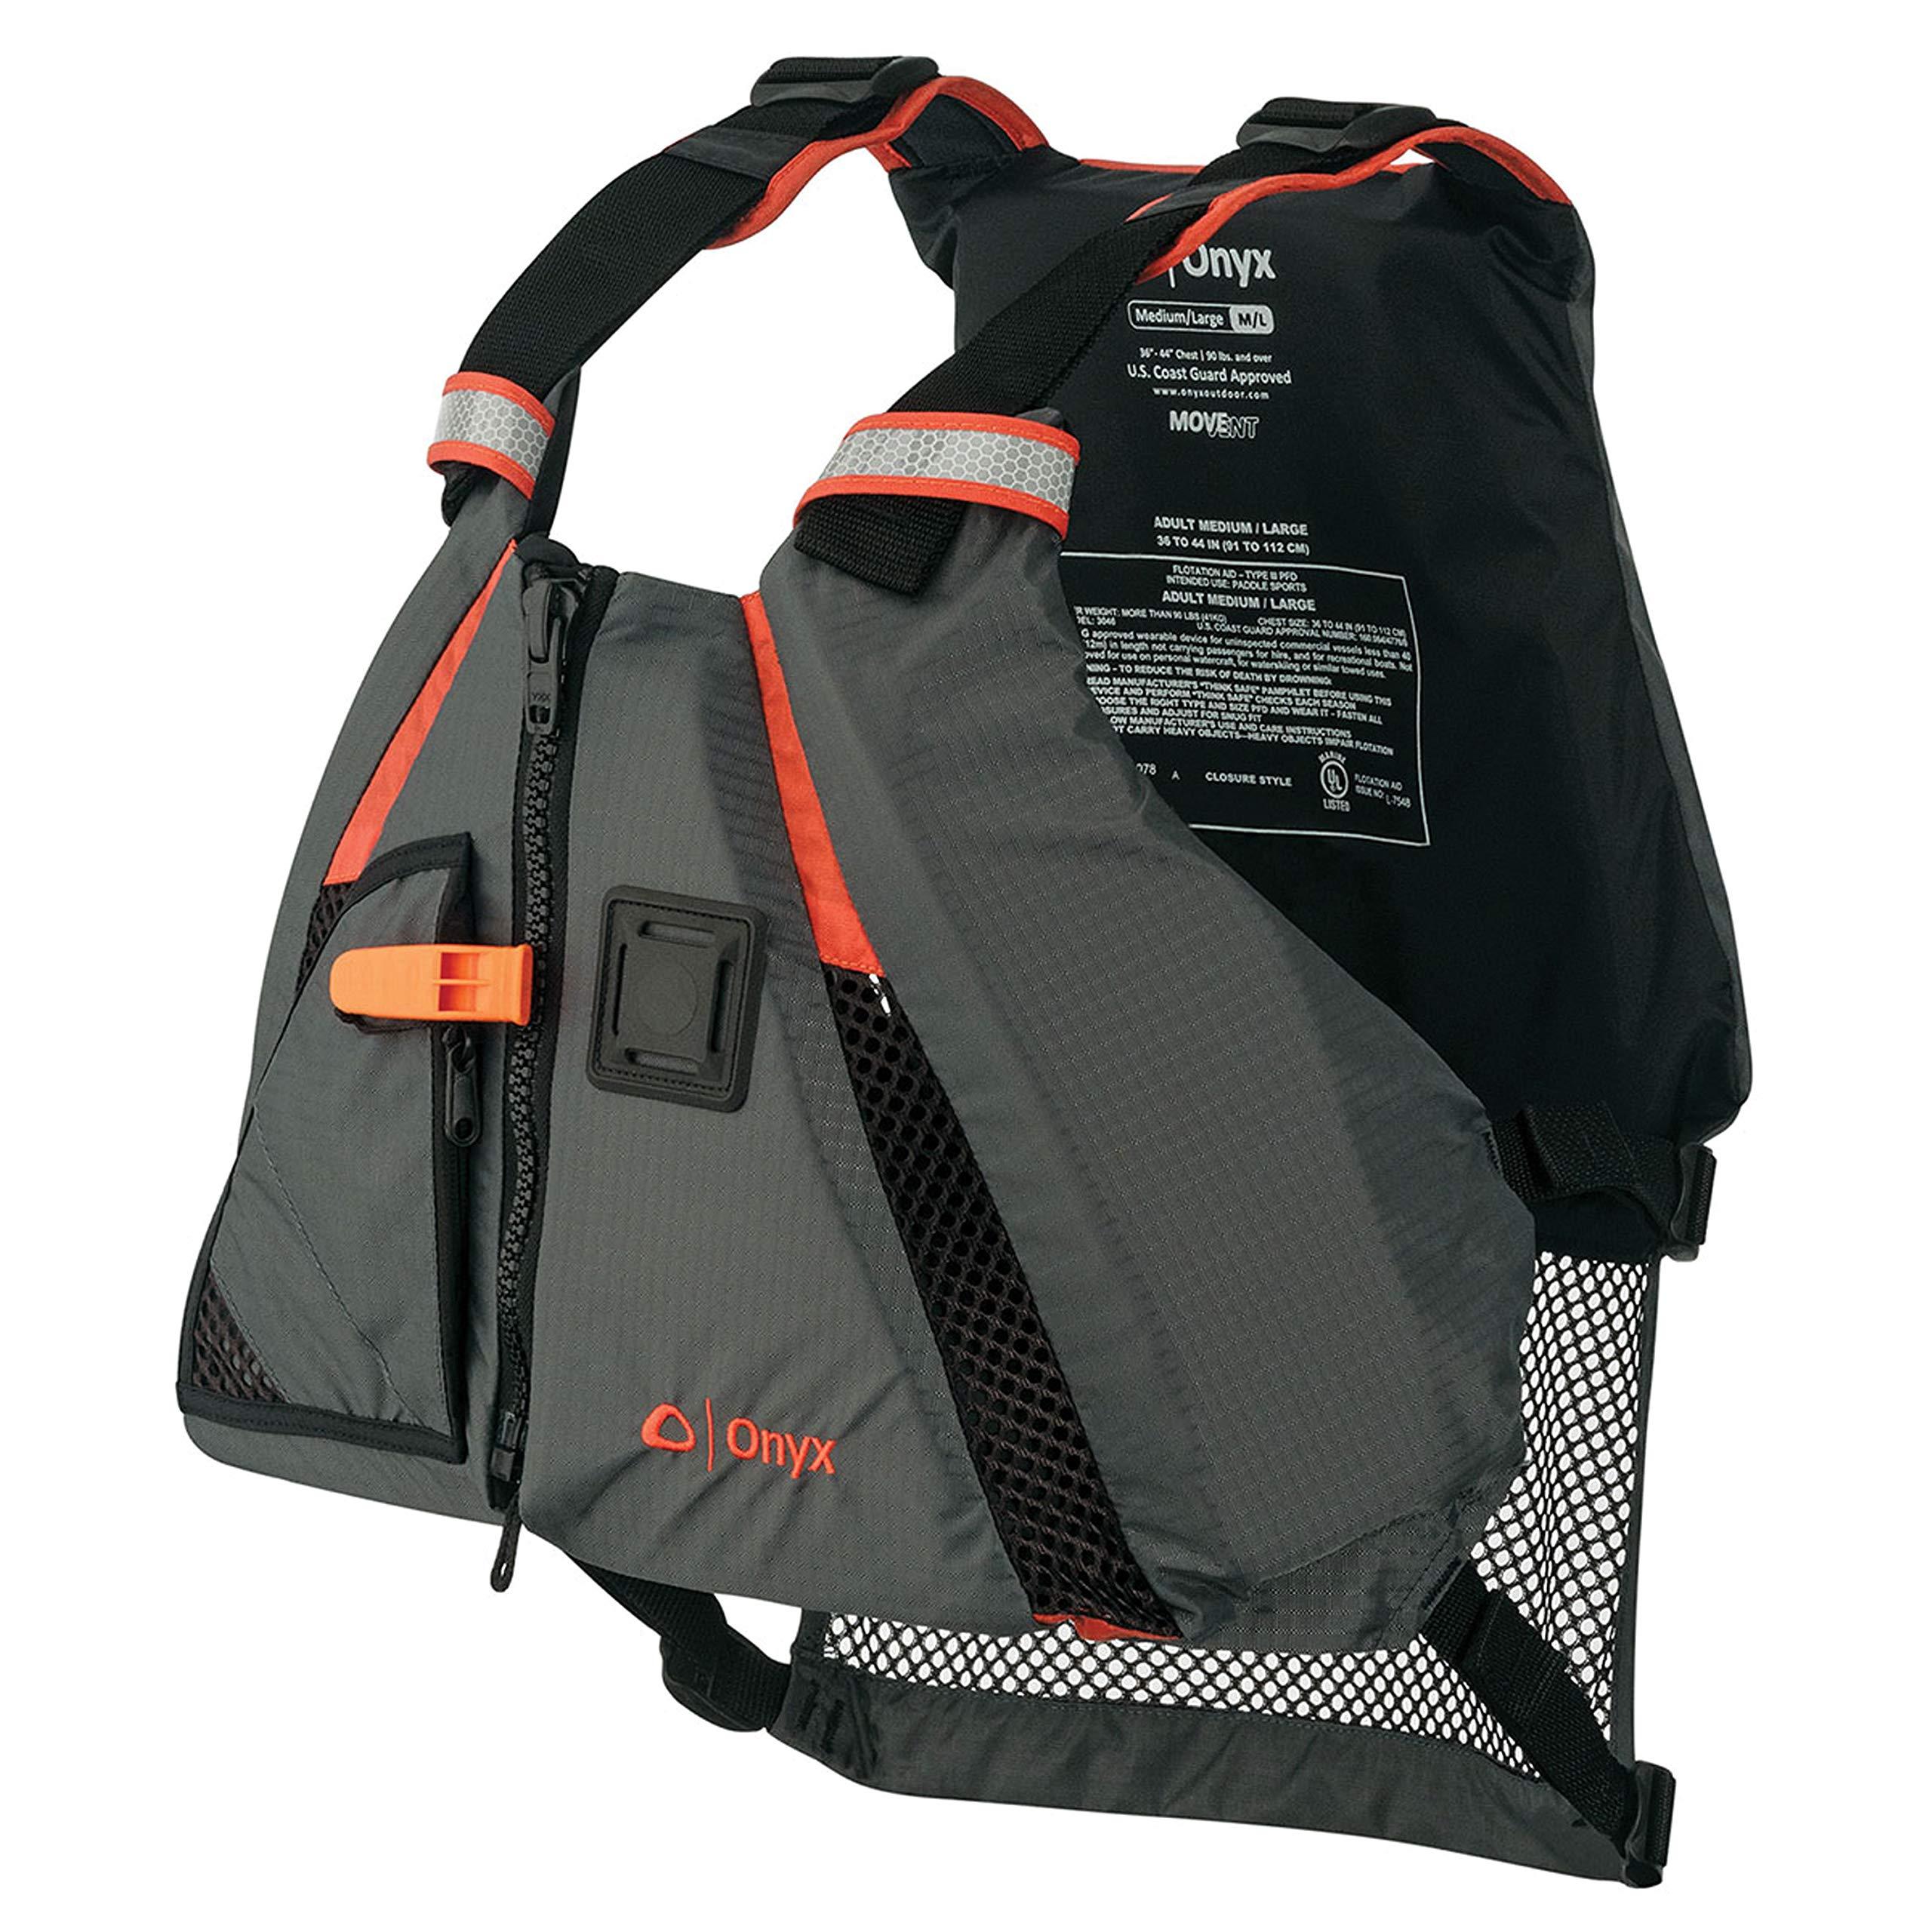 ONYX MoveVent Dynamic Paddle Sports Life Vest, Orange, Medium/Large by Onyx (Image #1)